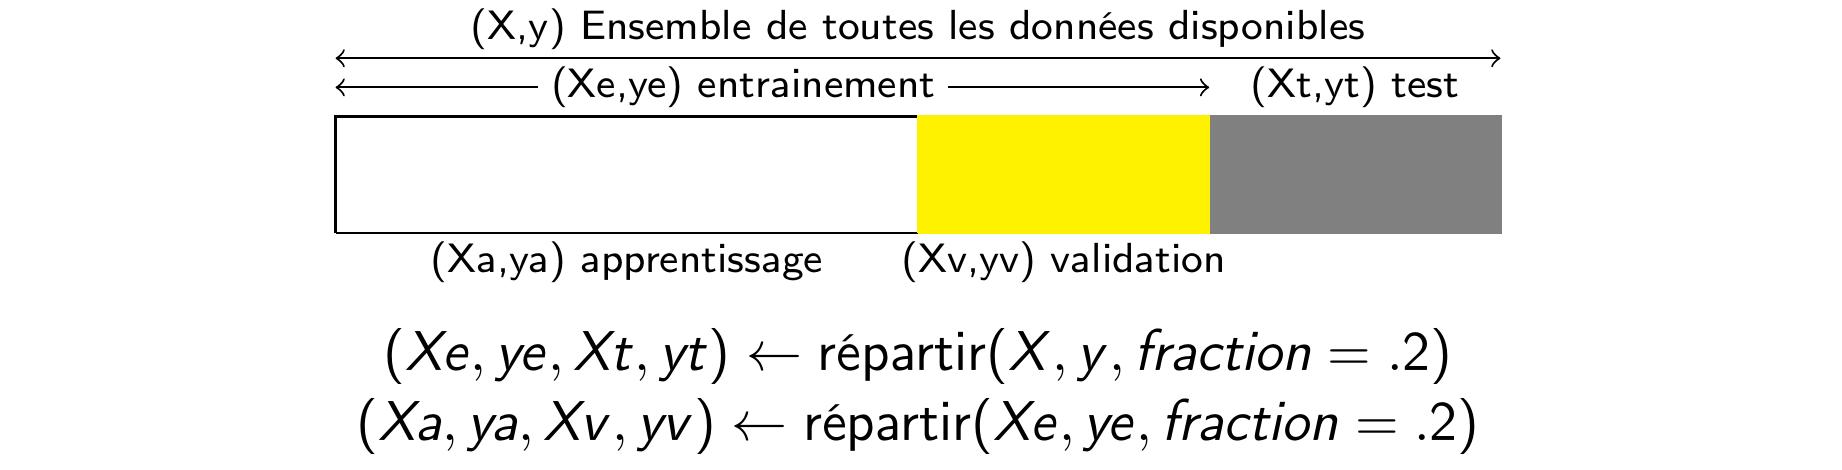 Exemple de répartition des données en trois ensembles. Les données en gris forment l'ensemble de test, celles en jeune l'ensemble de validation et celles en blanc les données d'apprentissage.